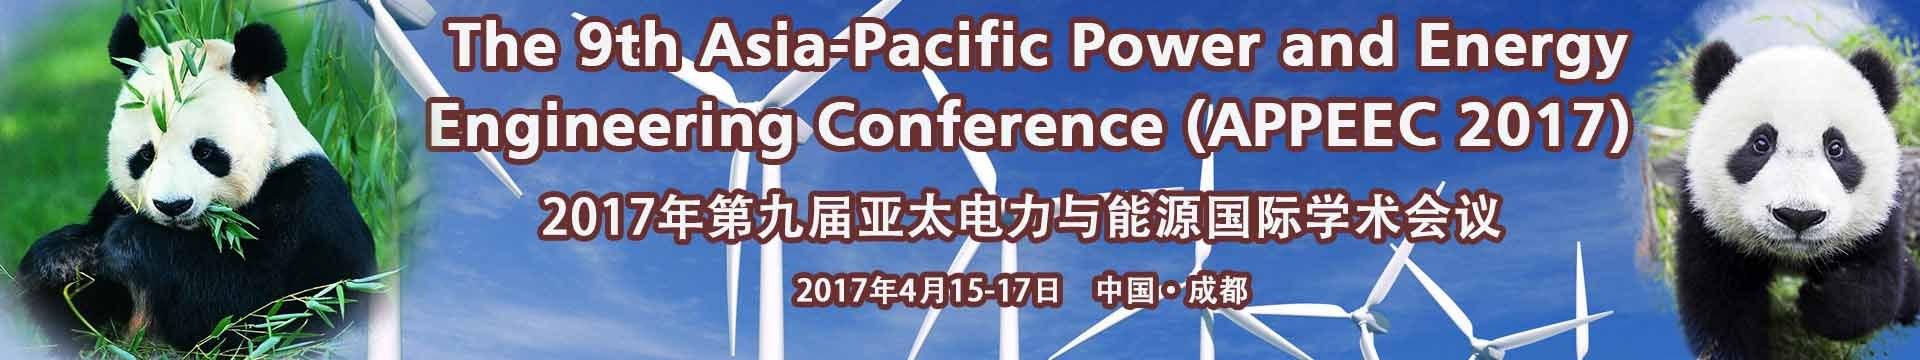 第九届亚太电力与能源国际学术会议(APPEEC 2017)